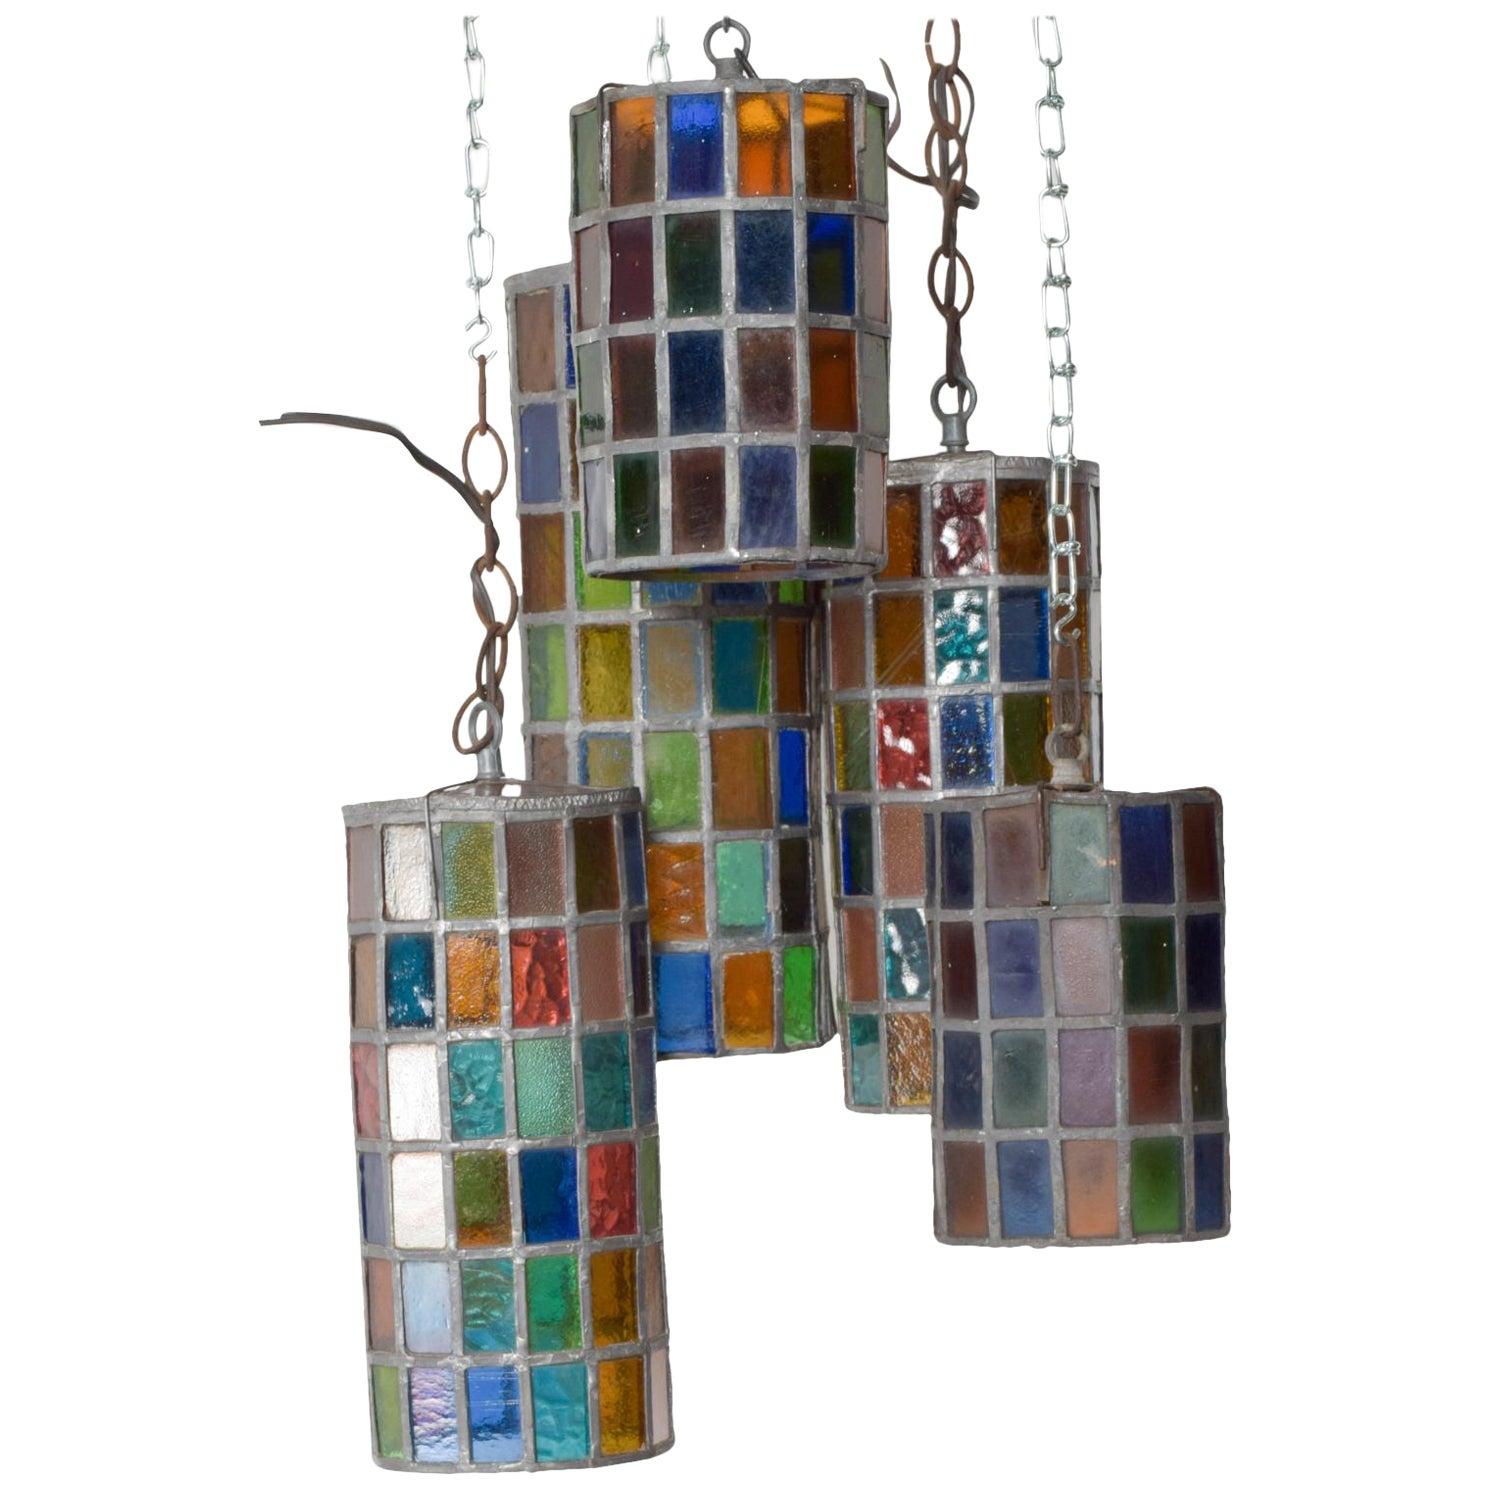 Feders Delfinger Modernist Colored Glass Hanging Pendant Lamp Set